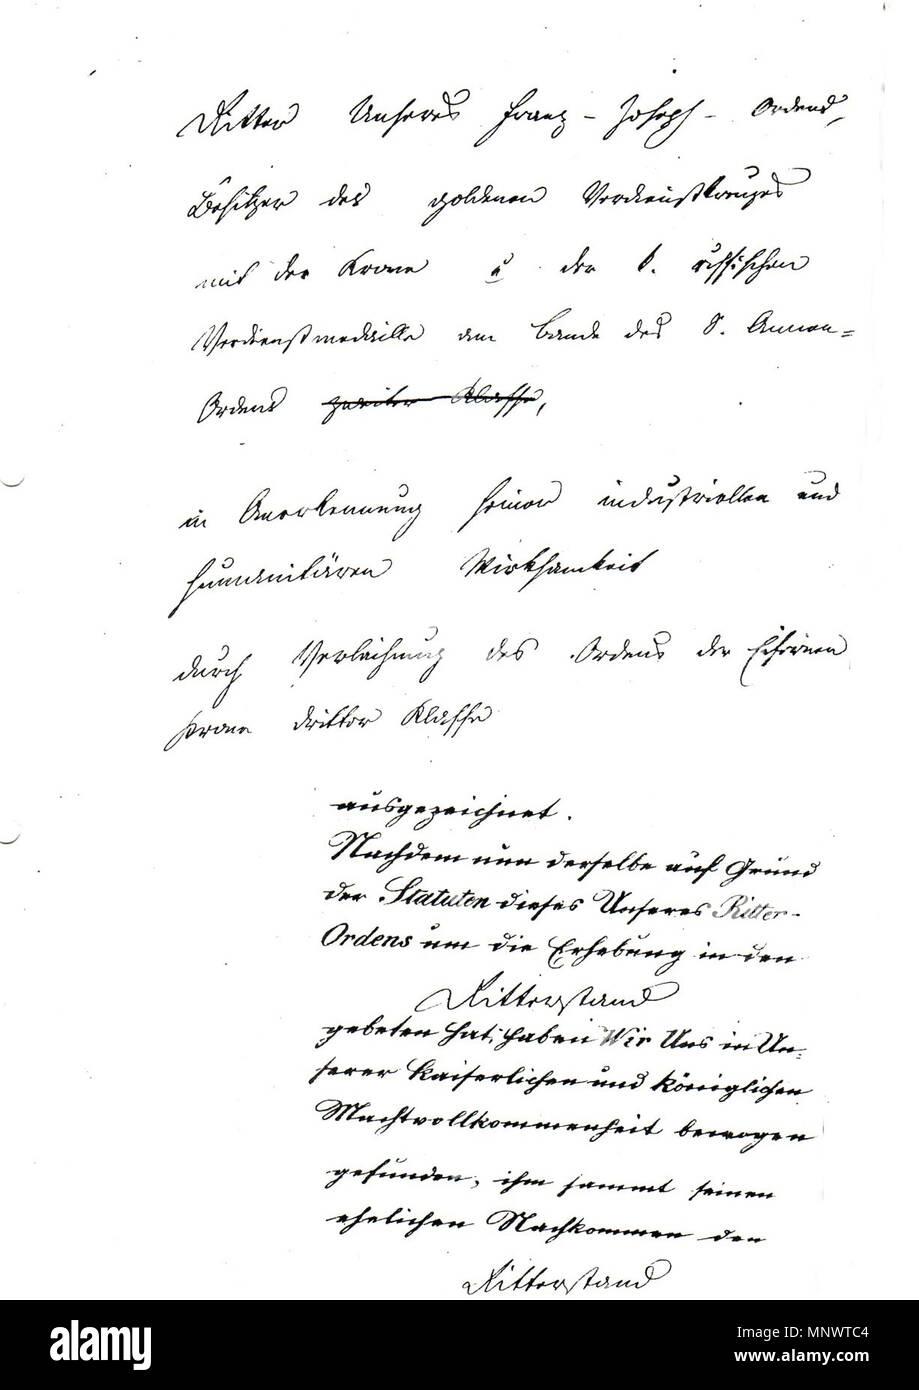 . Deutsch: Seite 2 der Kanzleiabschrift des Ritterstandsdiploms von Franz Joseph I. (Kaiser von Österreich 1848-1916) für den Glasfabrikanten Wilhelm Kralik (als Ritter des Ordens der Eisernen Krone III. Klasse) mit Verleihung des Prädikates 'von Meyrswalden'. Original des Ritterstandsdiploms ausgestellt in Wien am 11. April 1877, Kanzleiabschrift in den Beständen des k.u.k. Ministeriums des Innern - Ministerial-Adels-Verzeichnis. 1877. k.u.k. Ministerium des Innern im Auftrag Kaiser Franz Josephs I. 1066 Ritterstandsdiplom Kralik von Meyrswalden 1877 (Kanzleiabschrift) Seite 2 Stock Photo